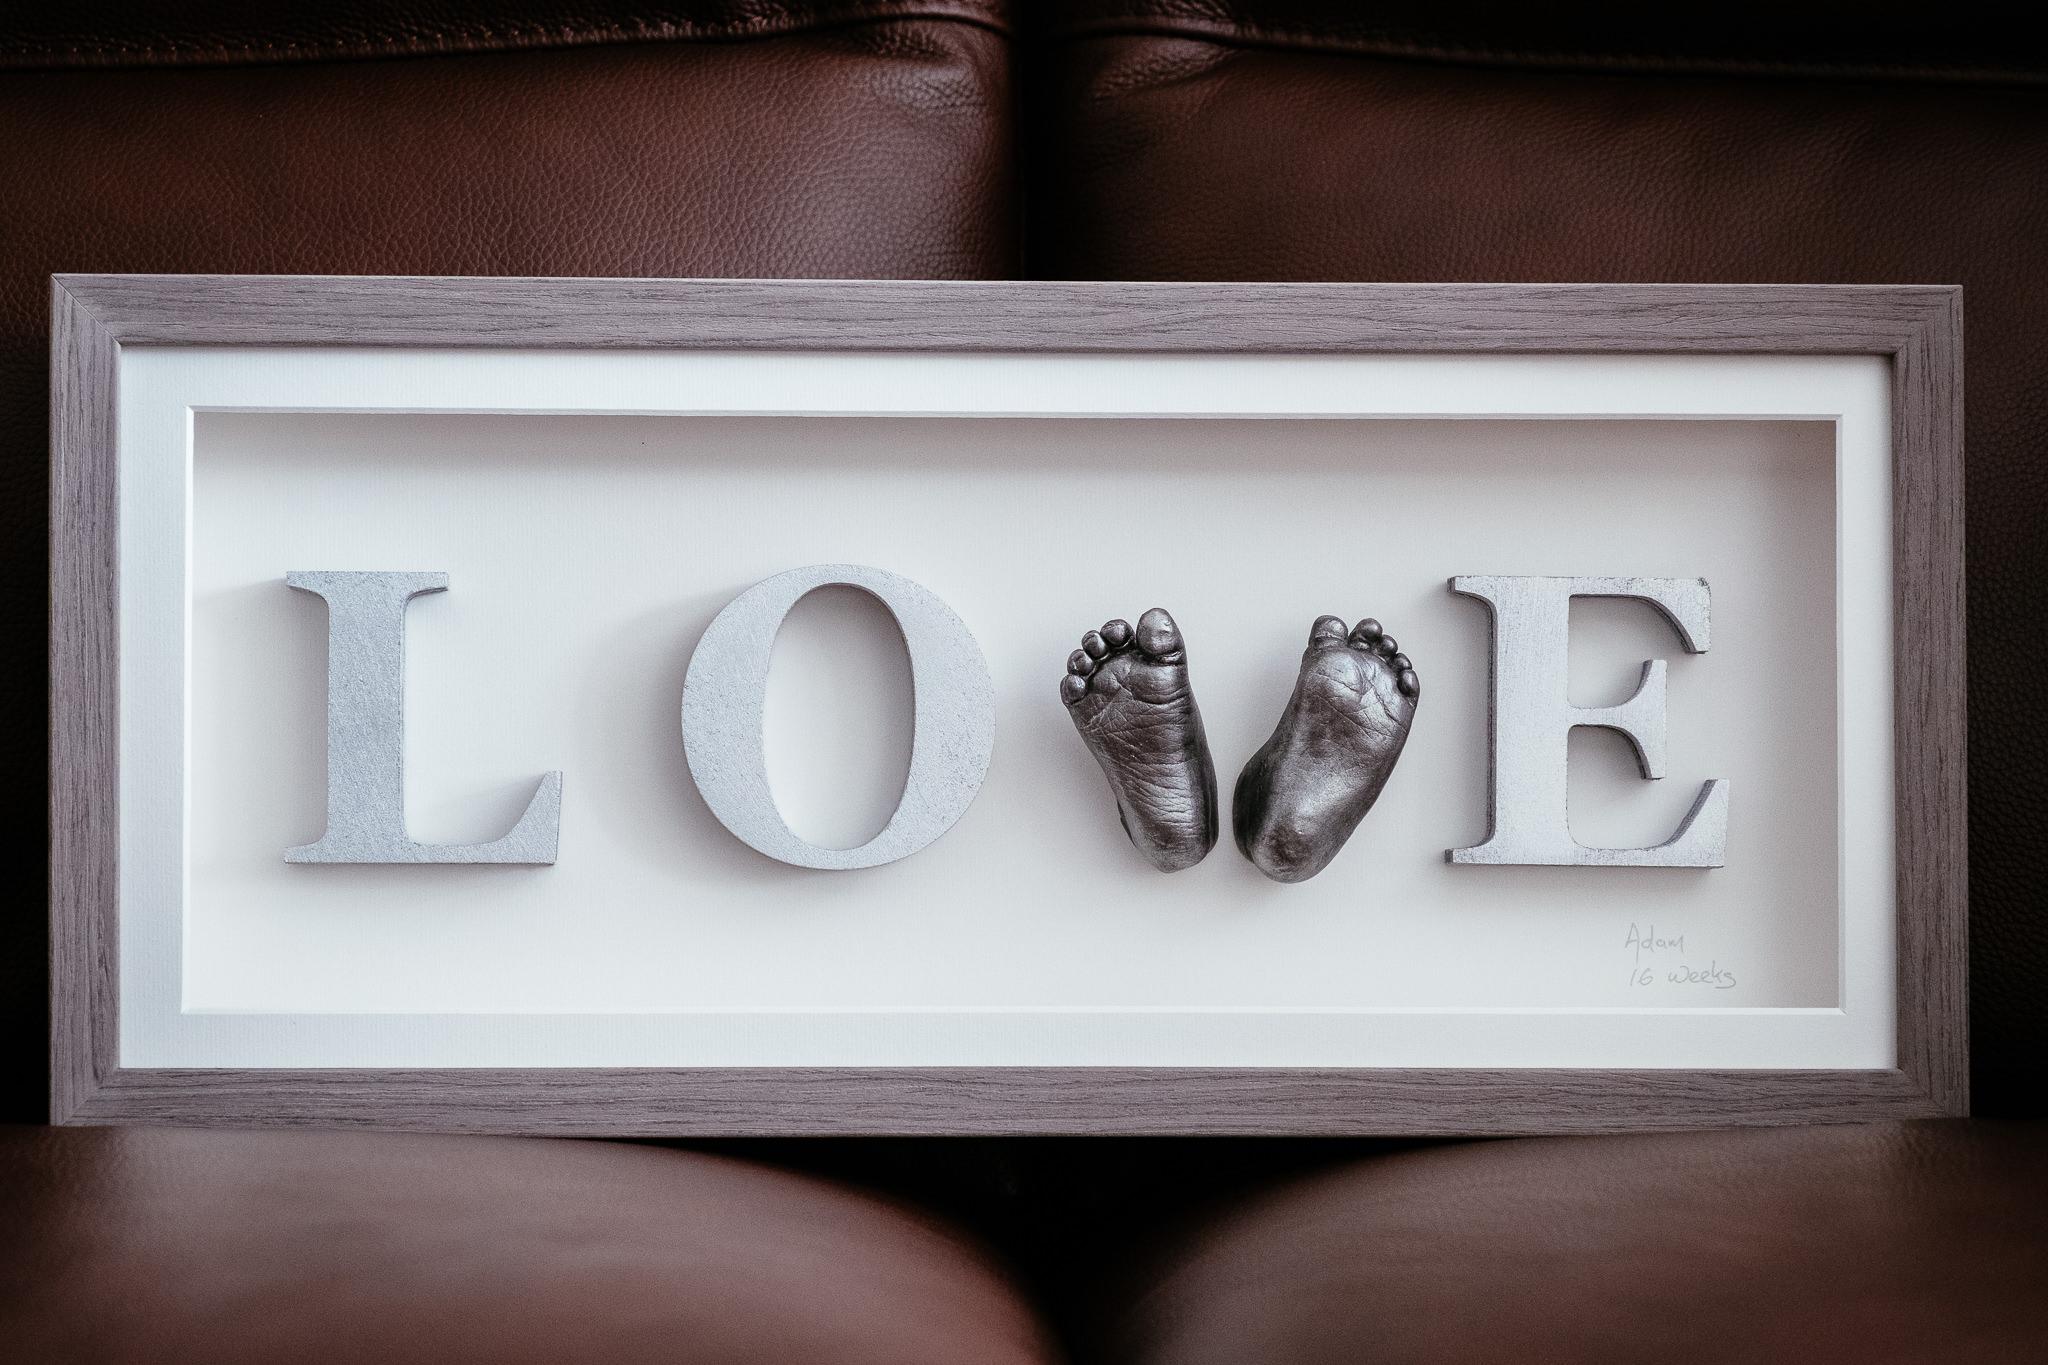 baby-hand-foot-casts-framed-dublin-ireland-11019.jpg